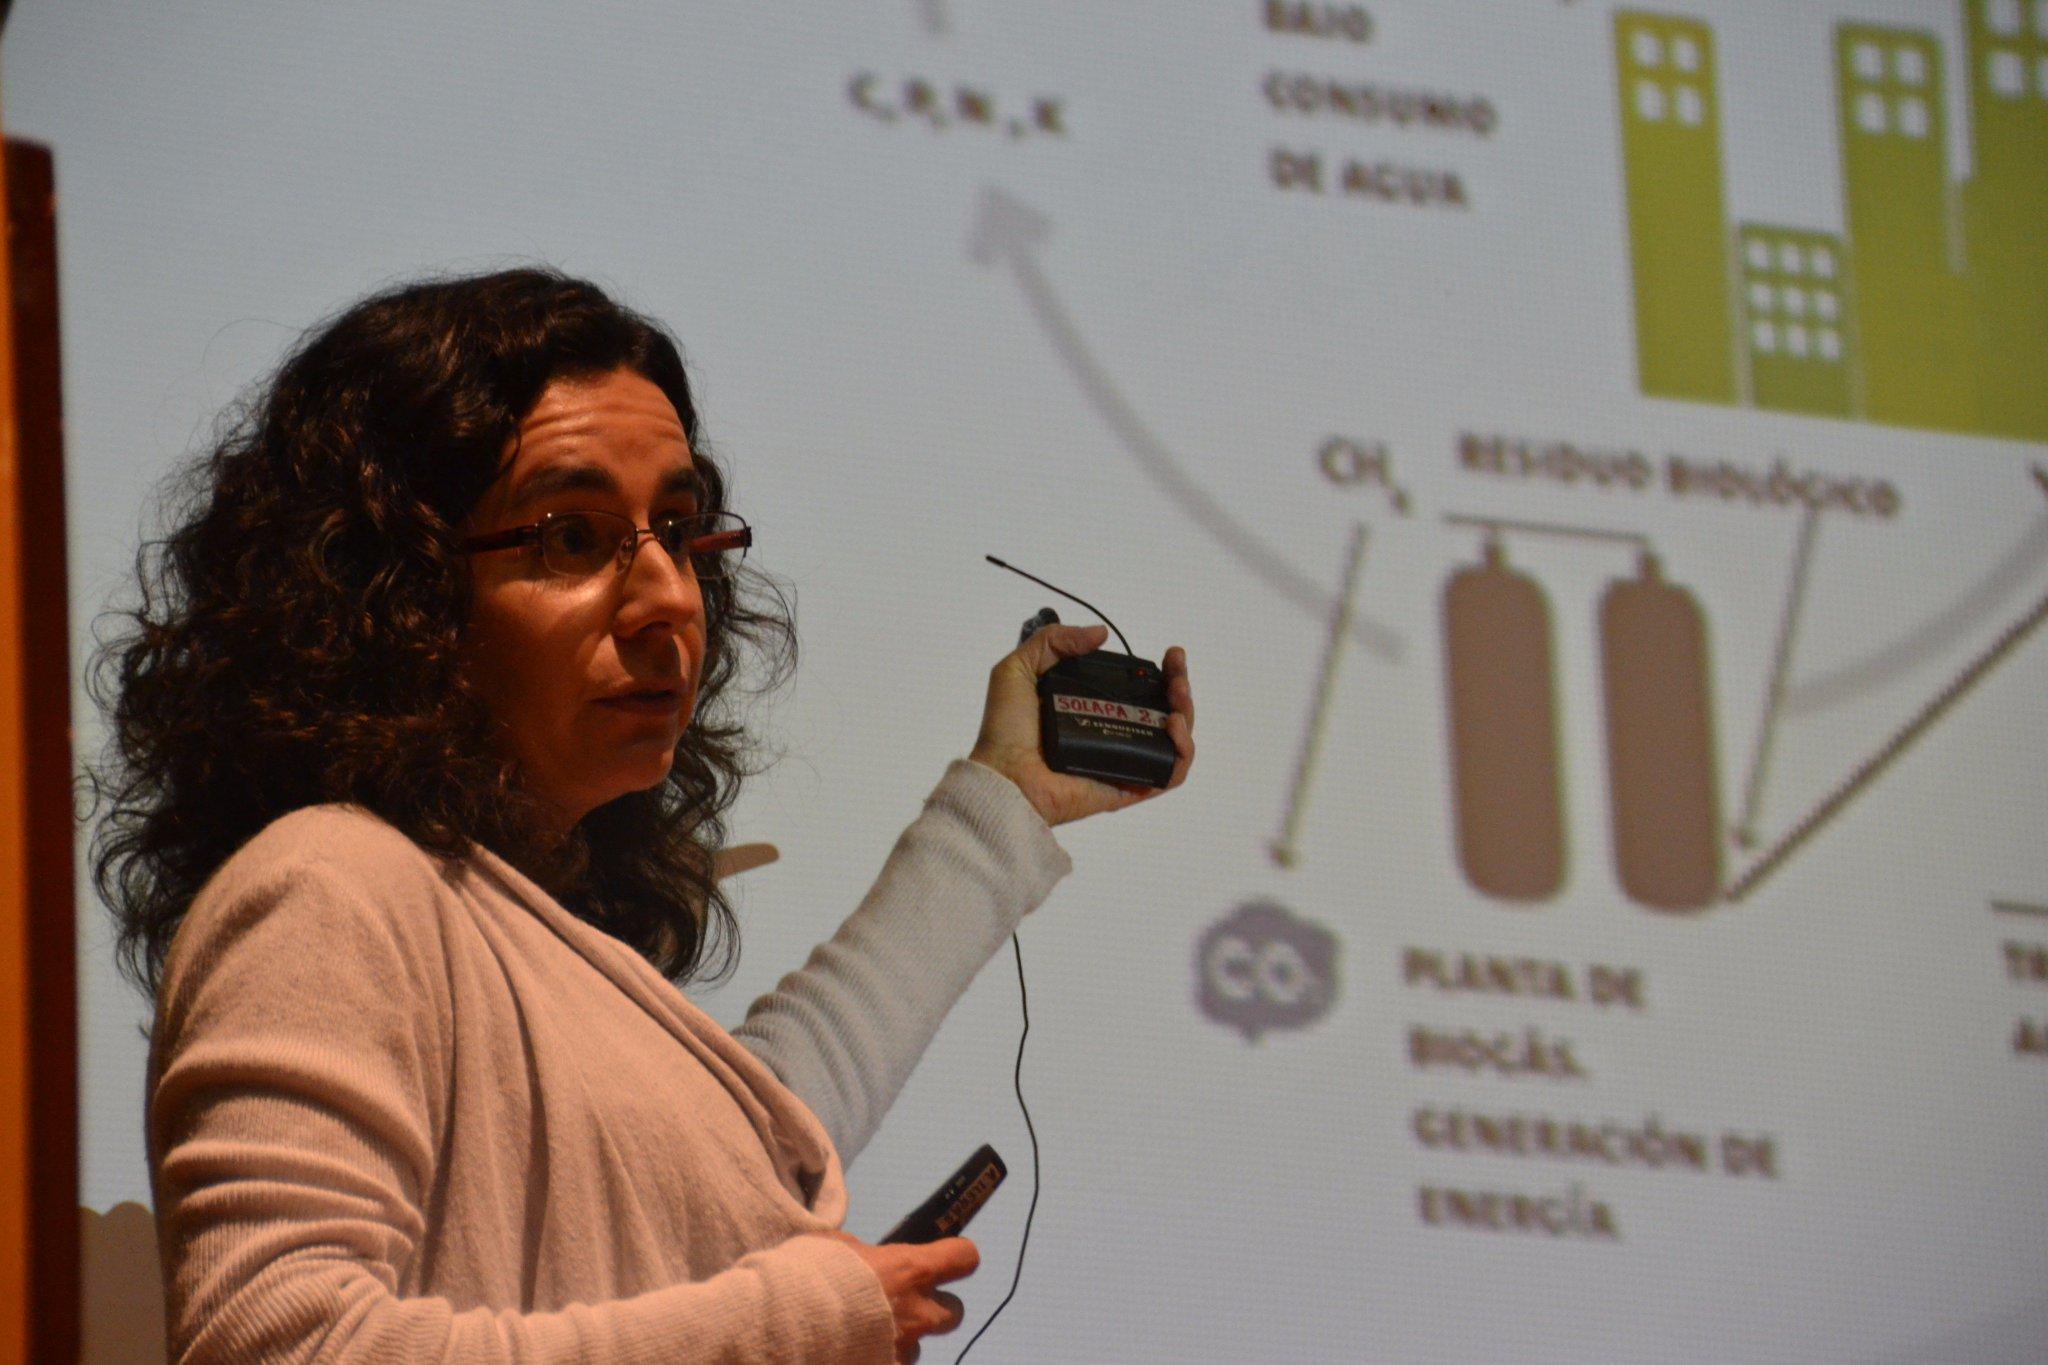 Interviene Claudia Pabón Pereira, profesora de @UAI_CL Panel #EconomíaCircular #CrecimientoVerde #EnVivo: https://t.co/1pnwASUUMV https://t.co/Of3oxLXTOc